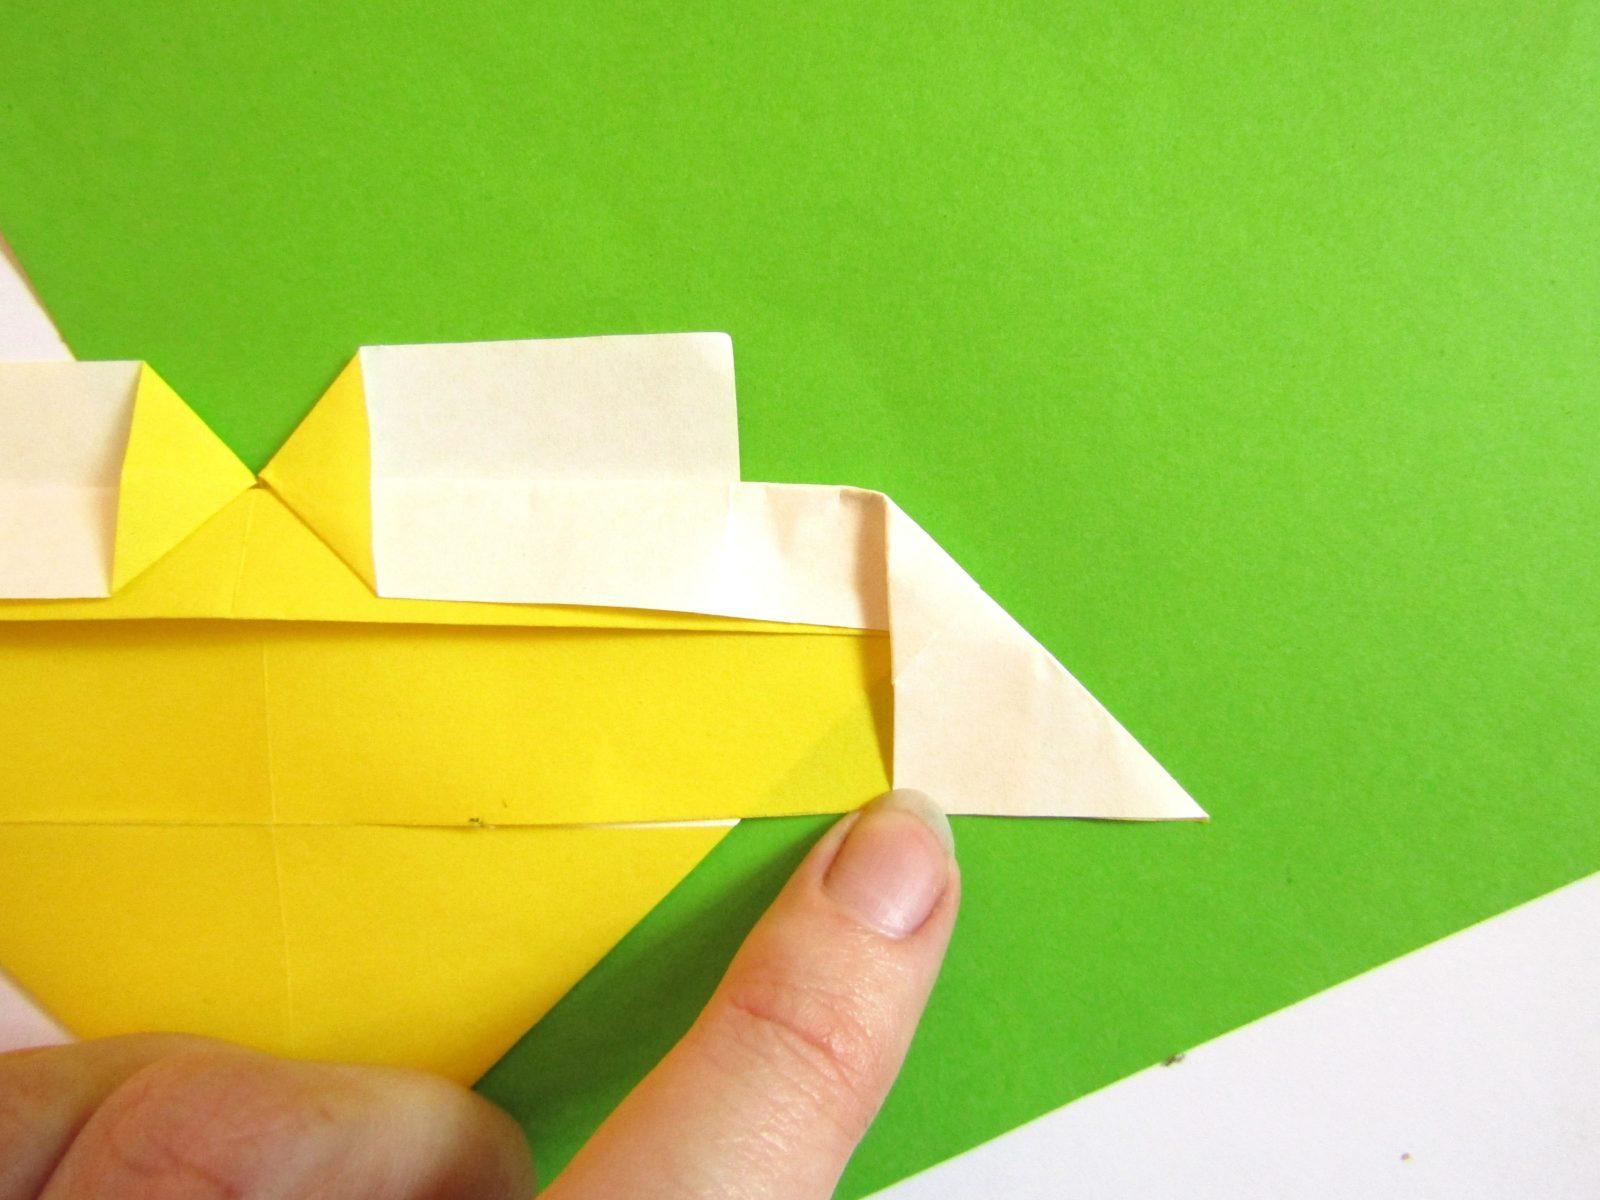 Оригами сердце с крыльями из бумаги - 10